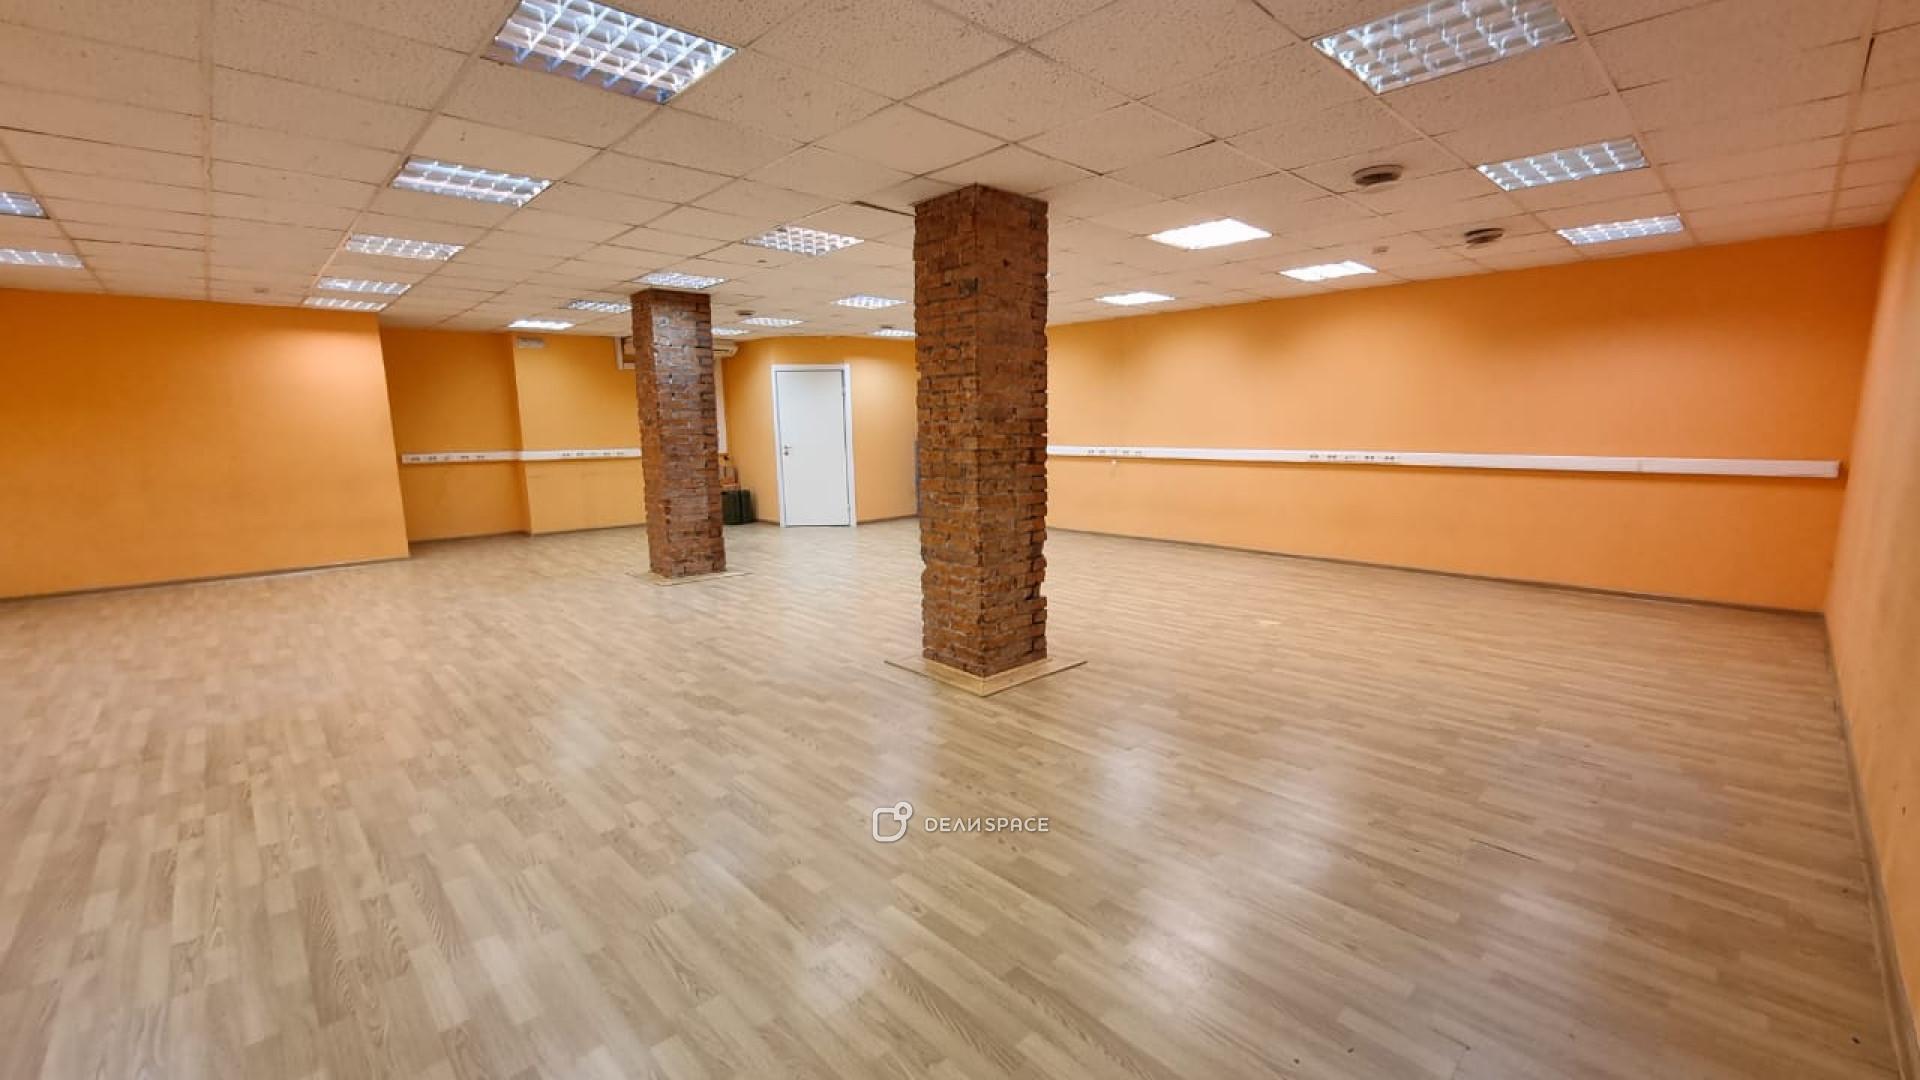 Зал для танцев и йоги